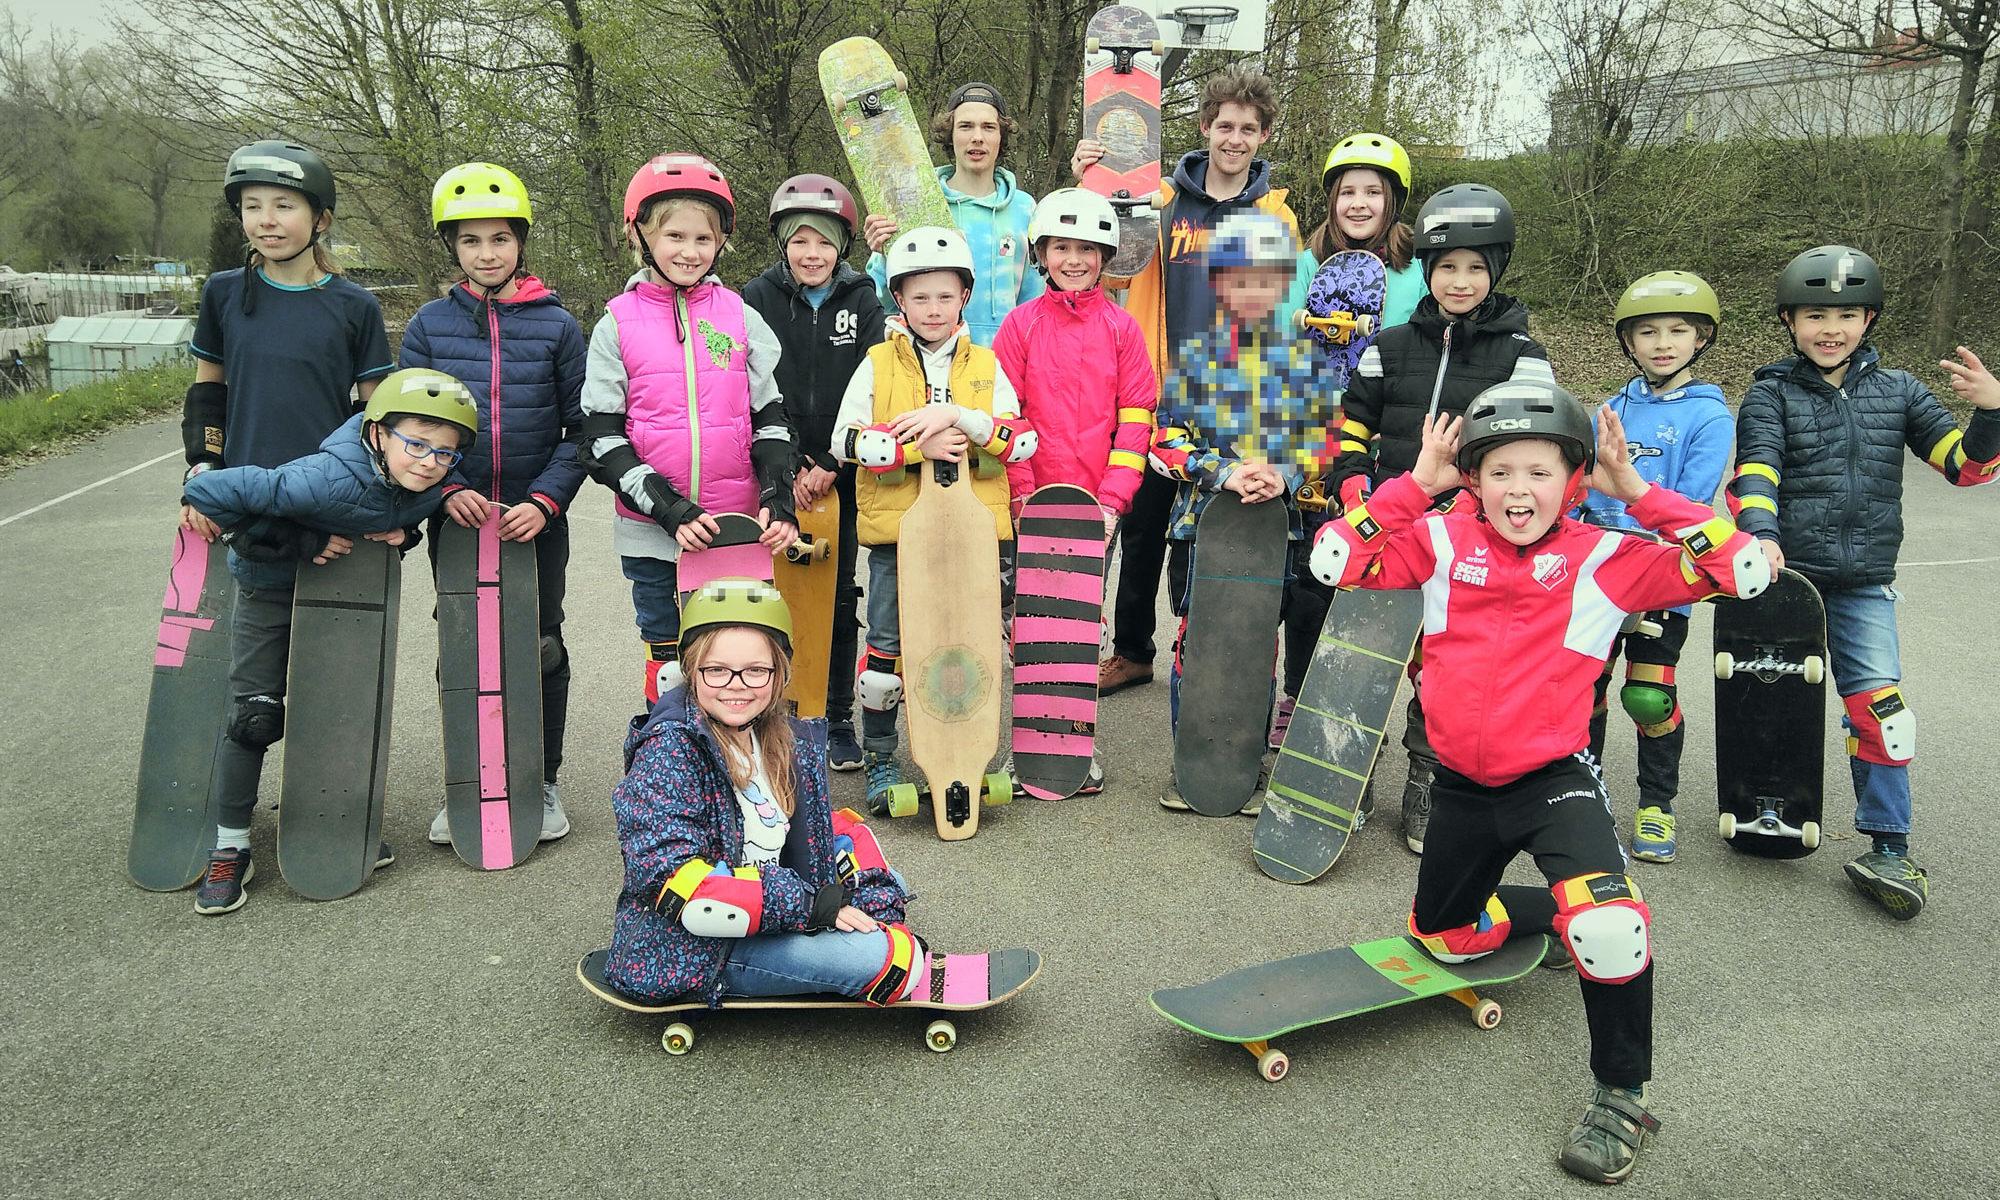 Skateboardworkshop in Krumbach am JuZe. Der marode Skatepark wurde vor 3 Jahren abgerissen, hoffentlich fällt der Bescheid zur Förderung positiv aus und ein Spatenstich 2020 könnte möglich sein. Sonst bleibt den Kindern und Jugendlichen nur die Straße.